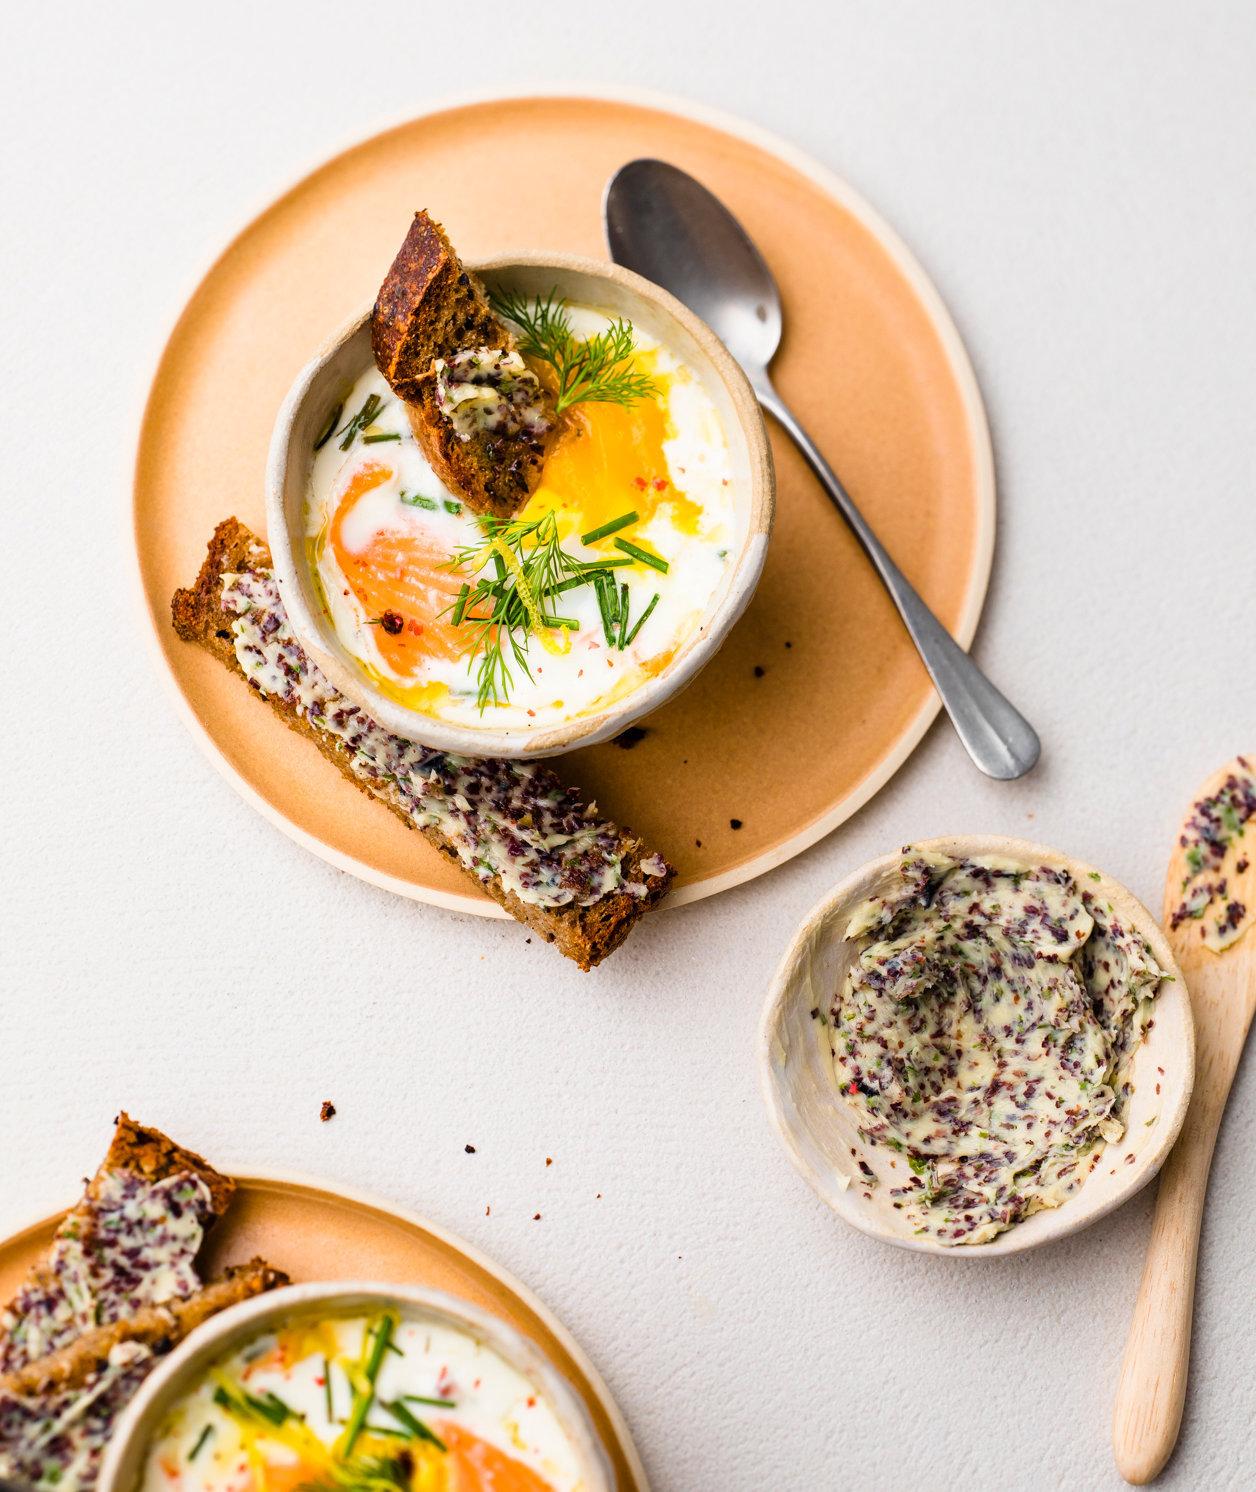 64-65-oeuf-cocotte-saumon-beurre-algue-hachette-brunch-198.jpg